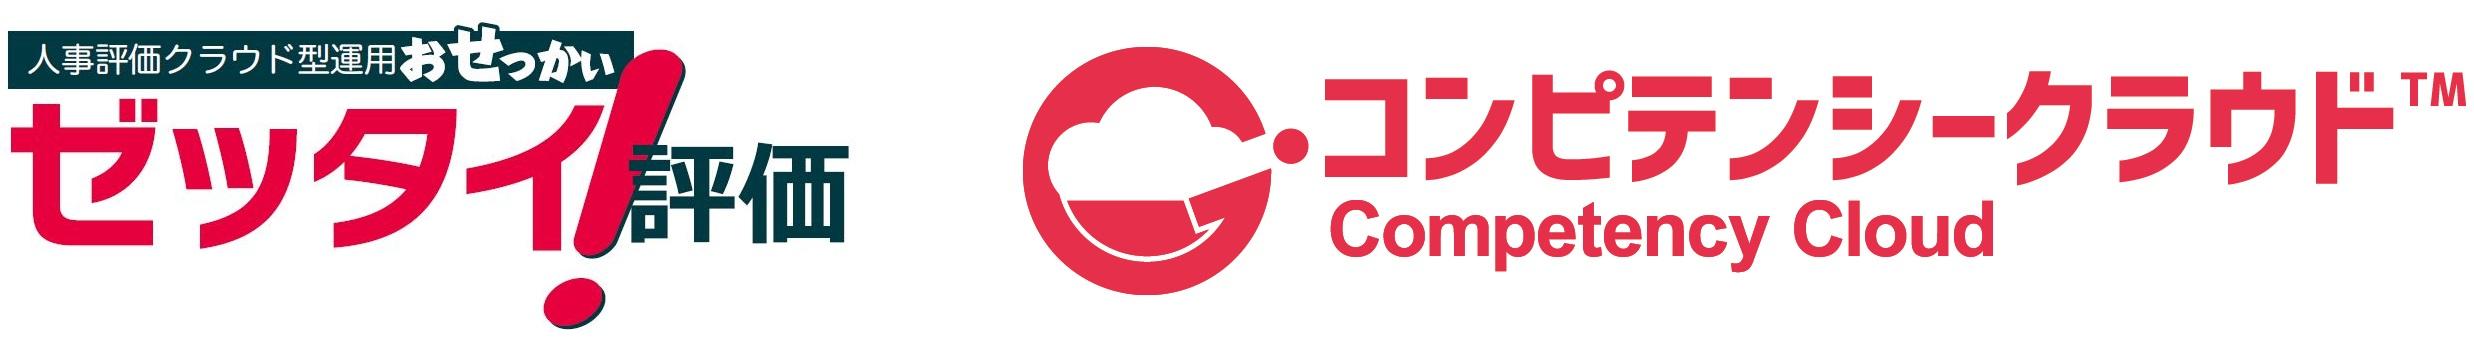 第4回医療・介護総合EXPO大阪に出展 人事評価制度「ゼッタイ!評価(R)」、人事評価クラウド「コンピテンシークラウド(TM)」を展示